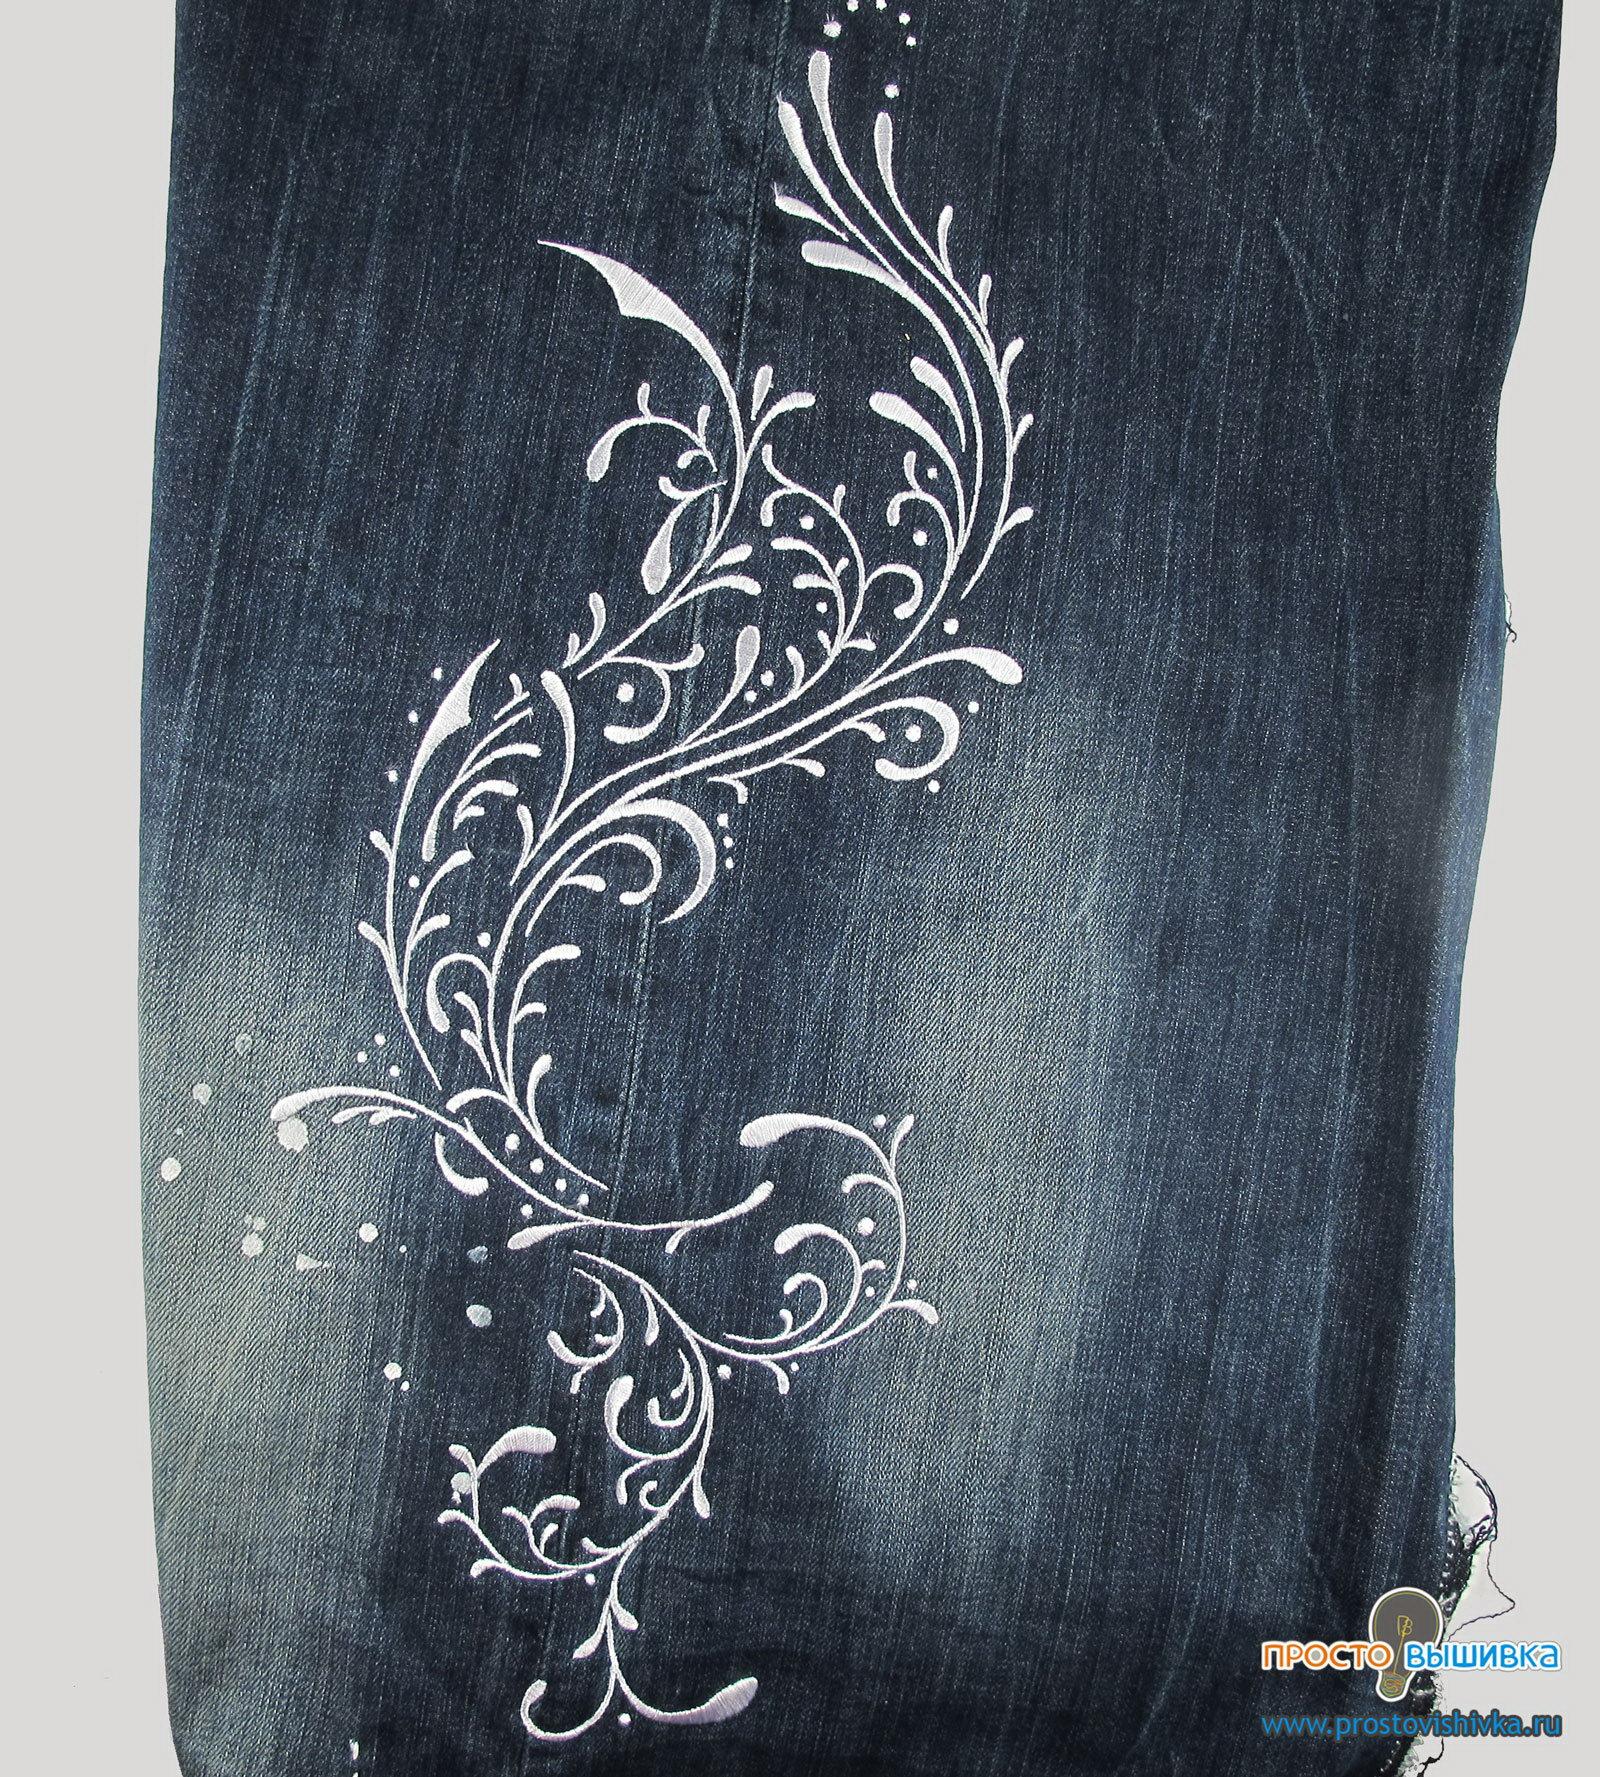 Вышивка машинная на джинсах